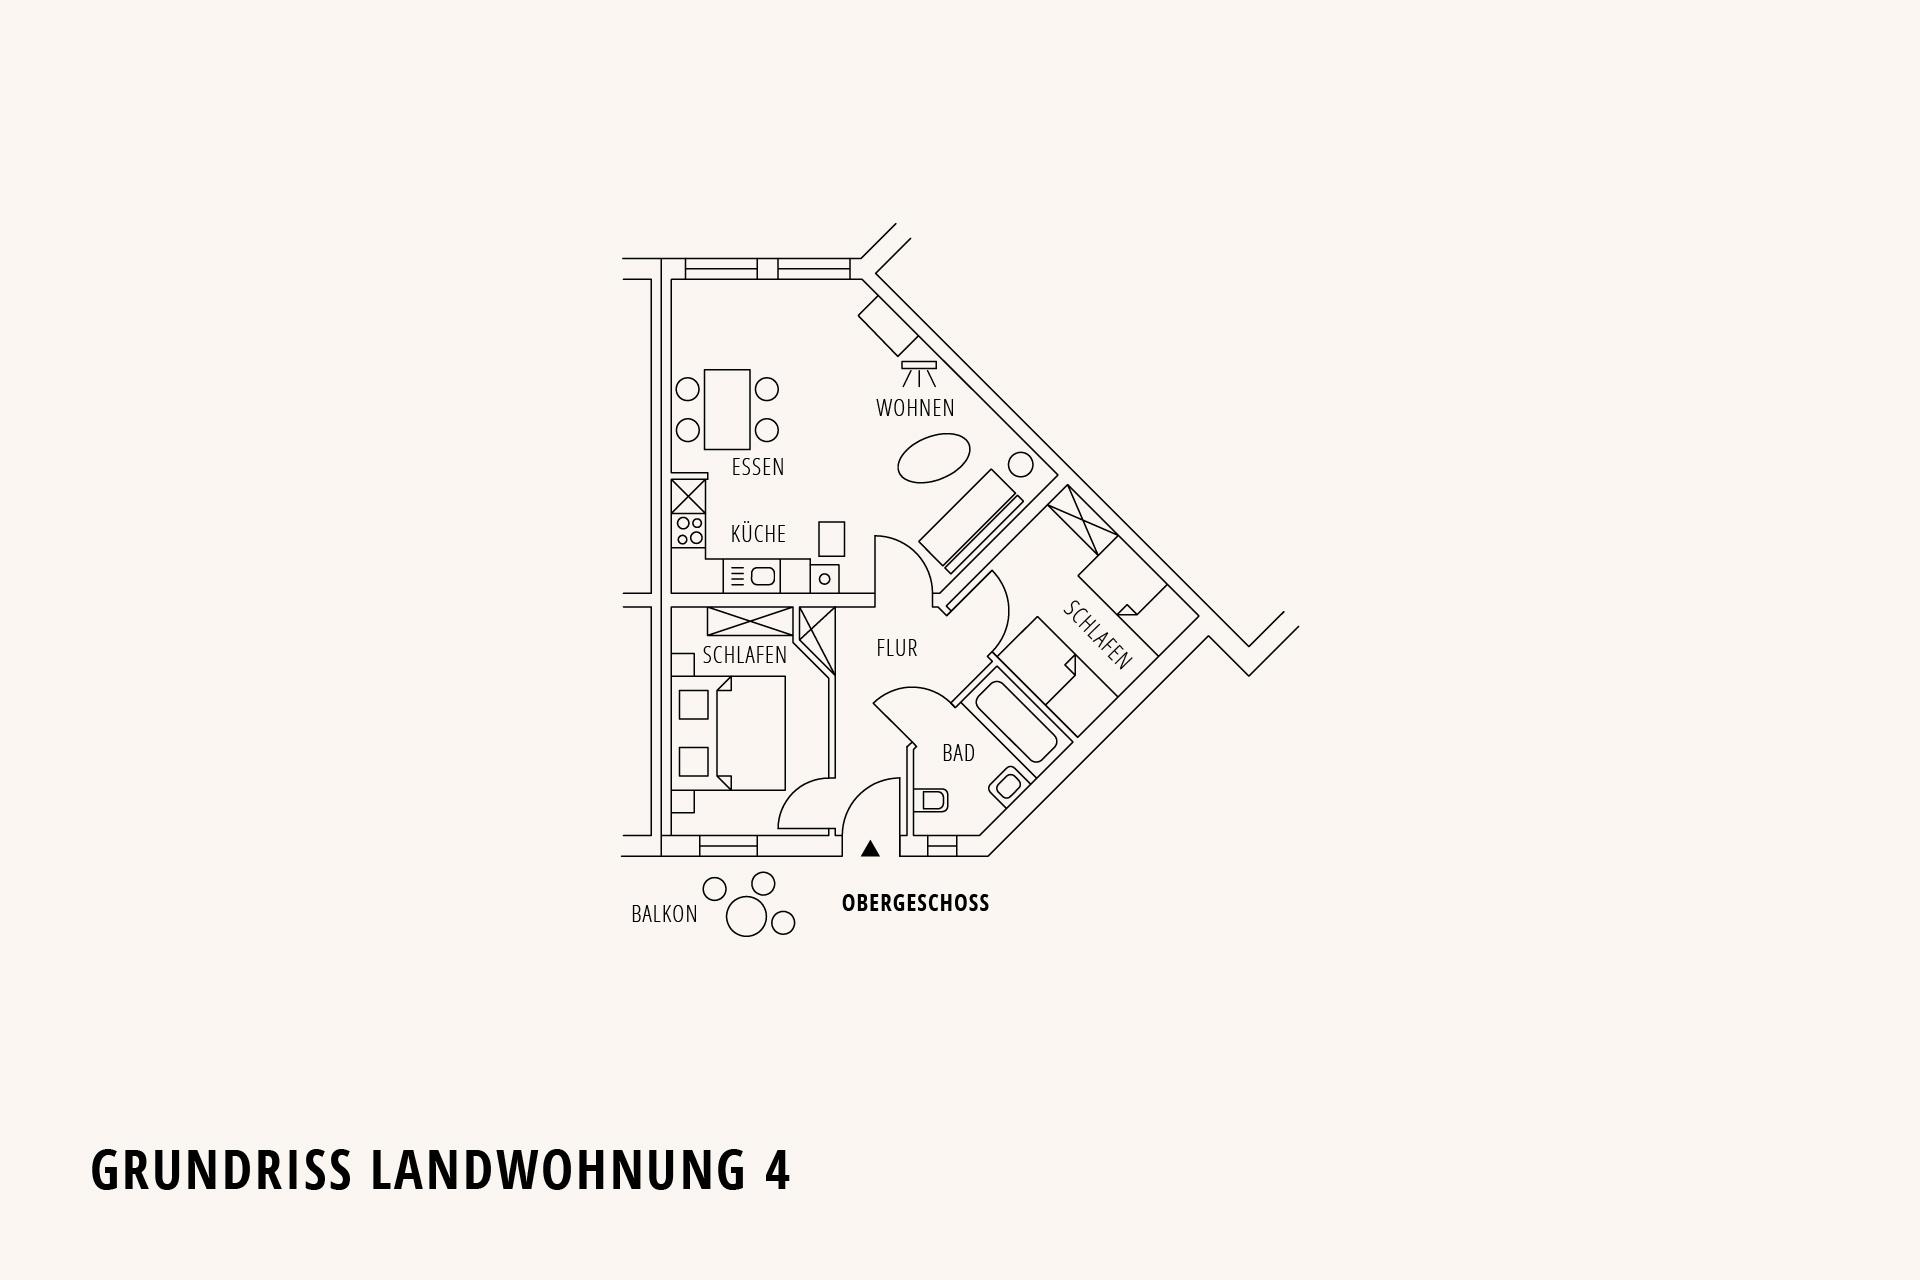 Landwohnung_4_Grundriss